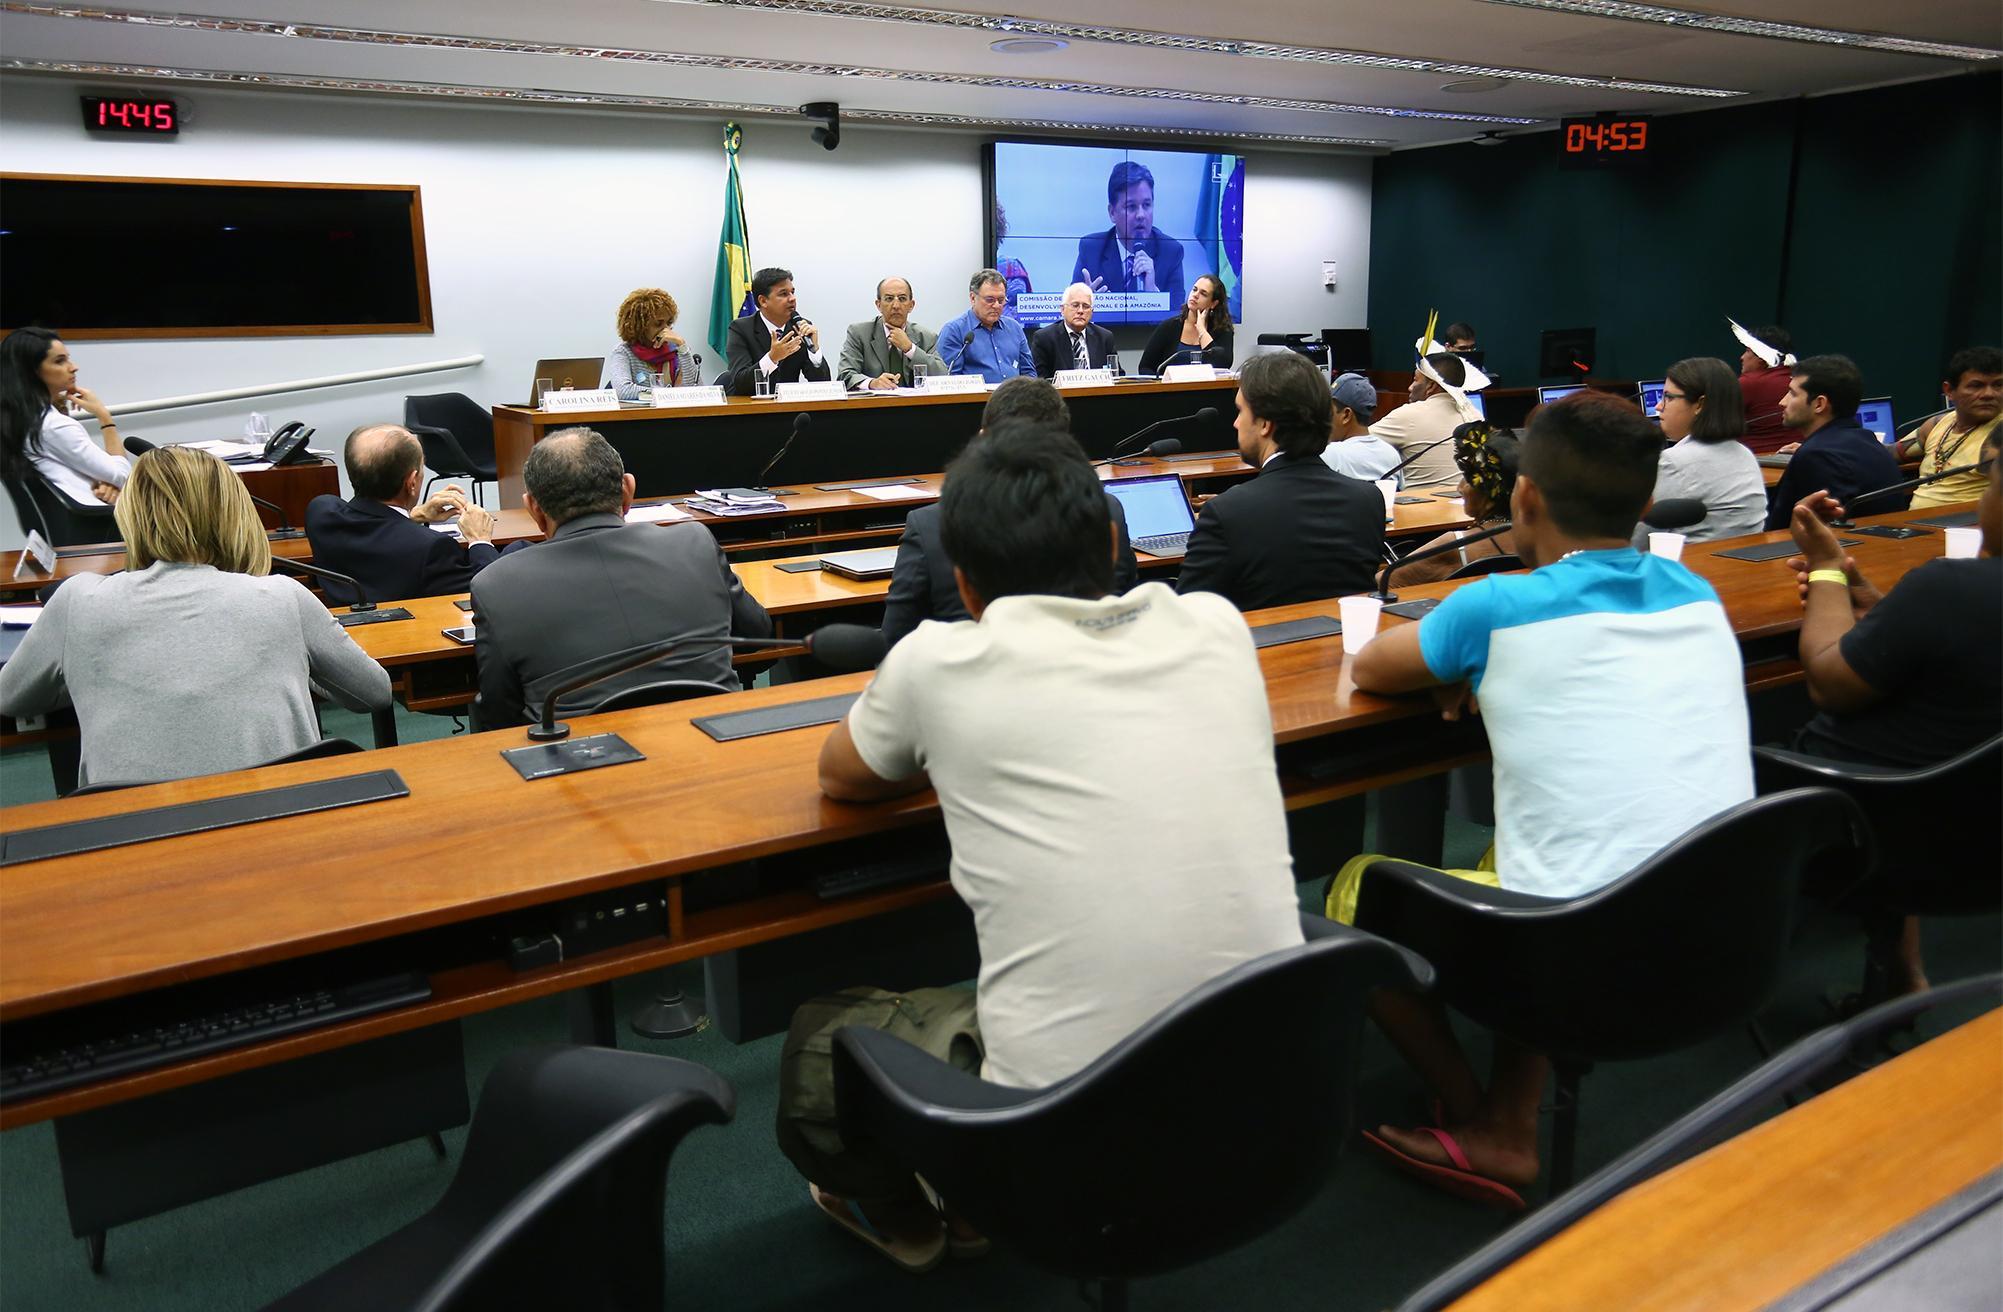 Audiência pública sobre o descumprimento das condicionantes ambientais, por parte do Consórcio Norte Energia, na construção da Usina Hidrelétrica de Belo Monte na Bacia do Xingu